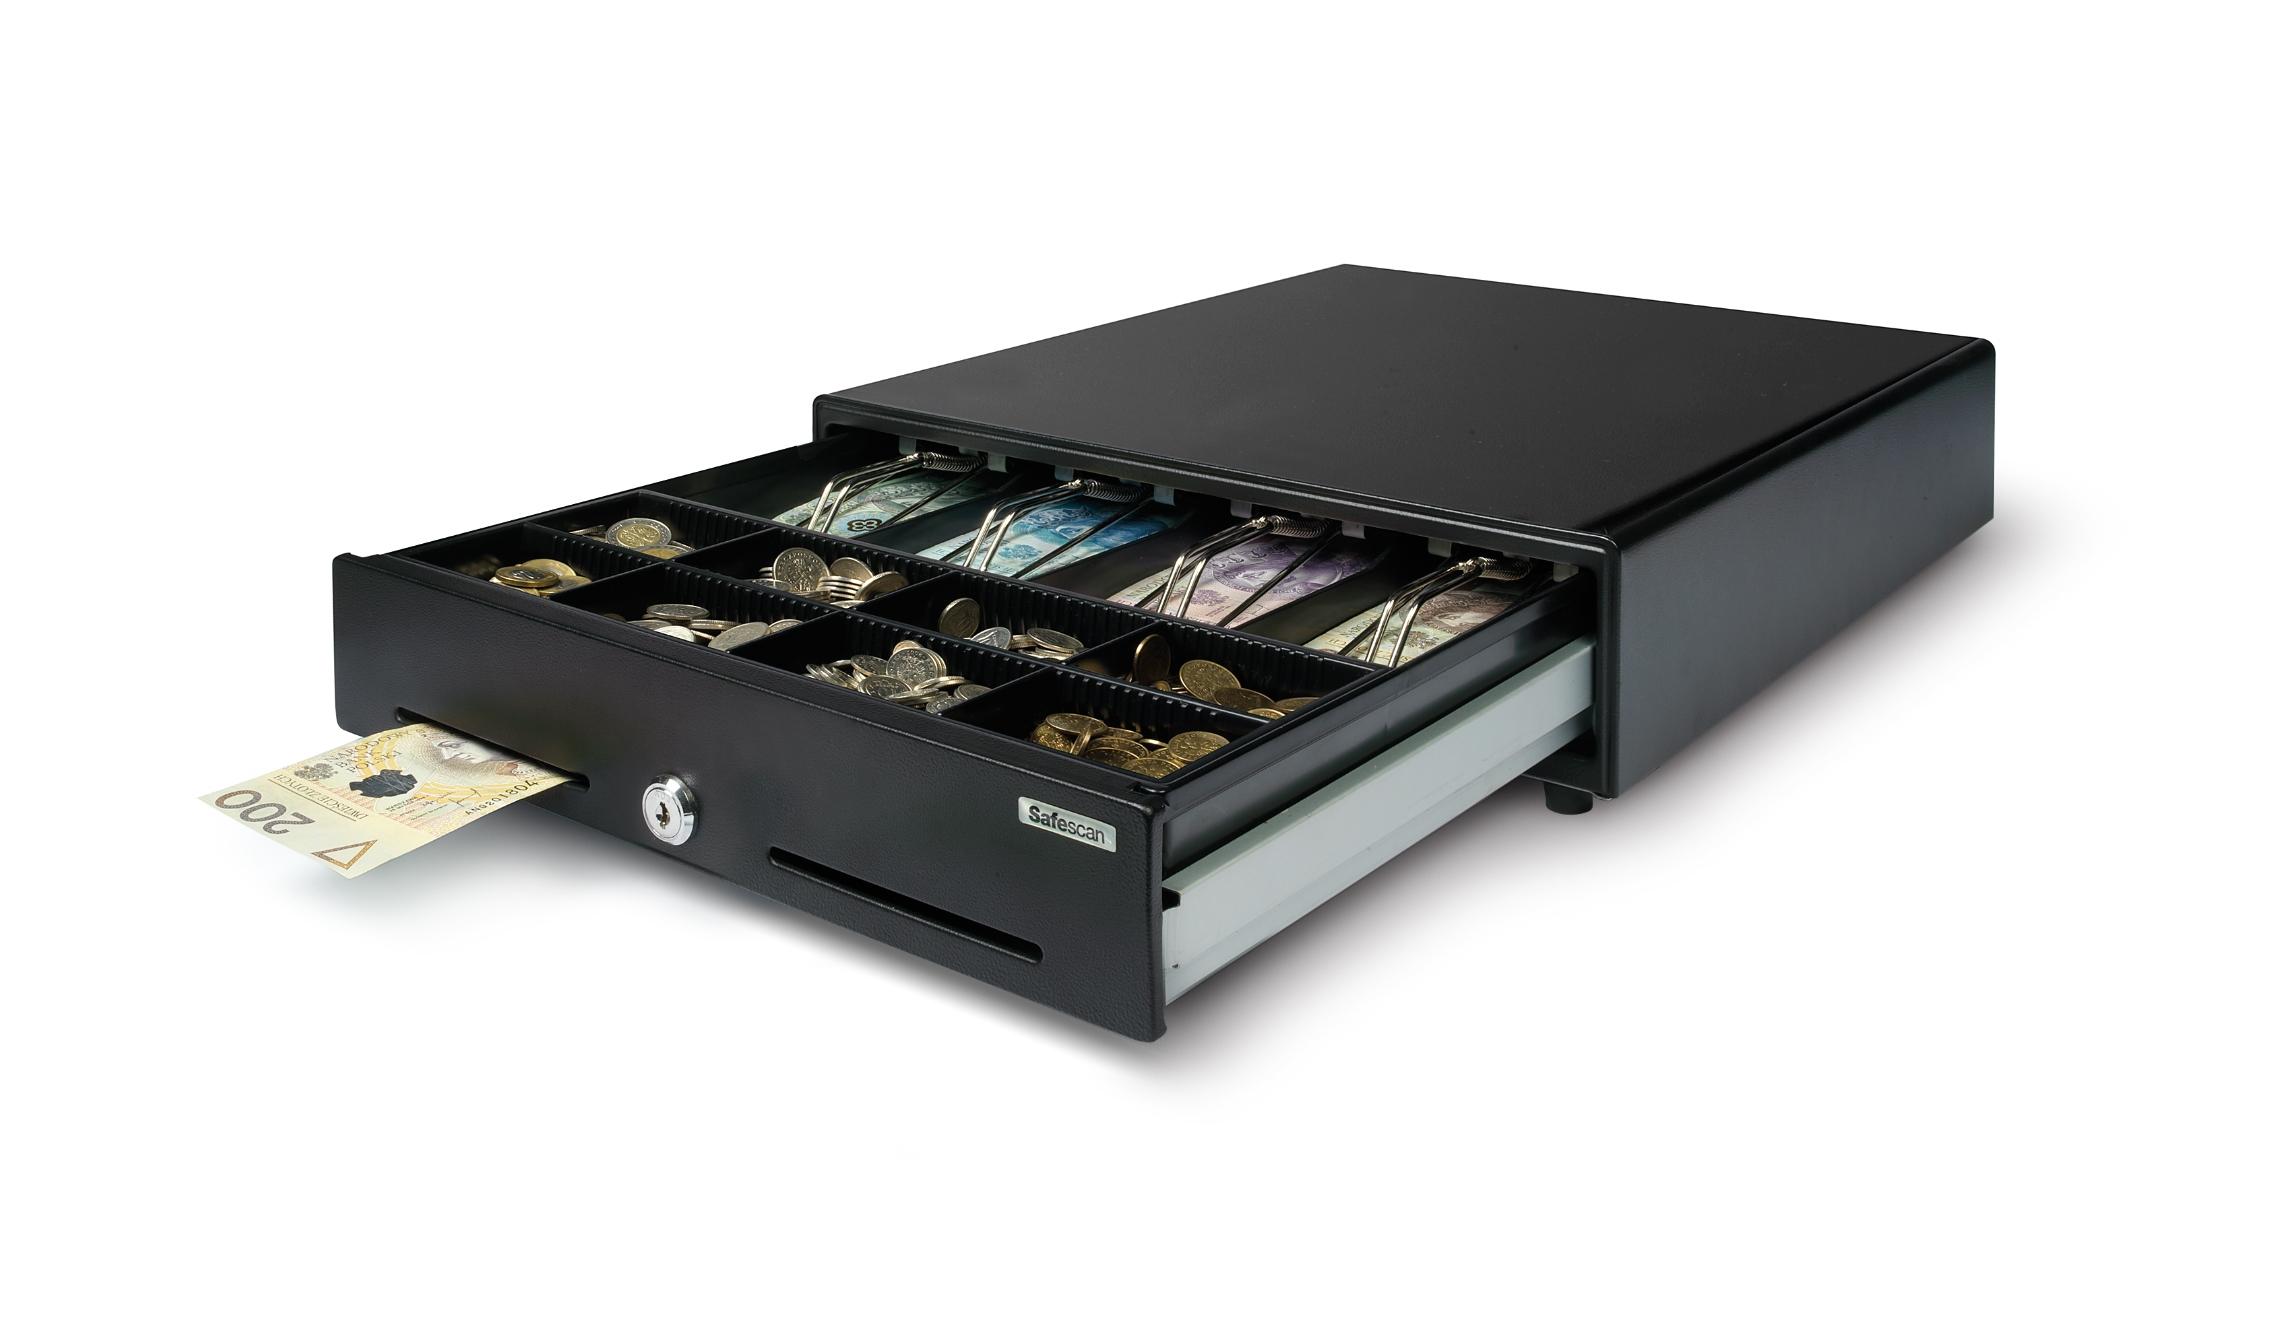 safescan-sd3540-uklad-przegrodek-szuflady